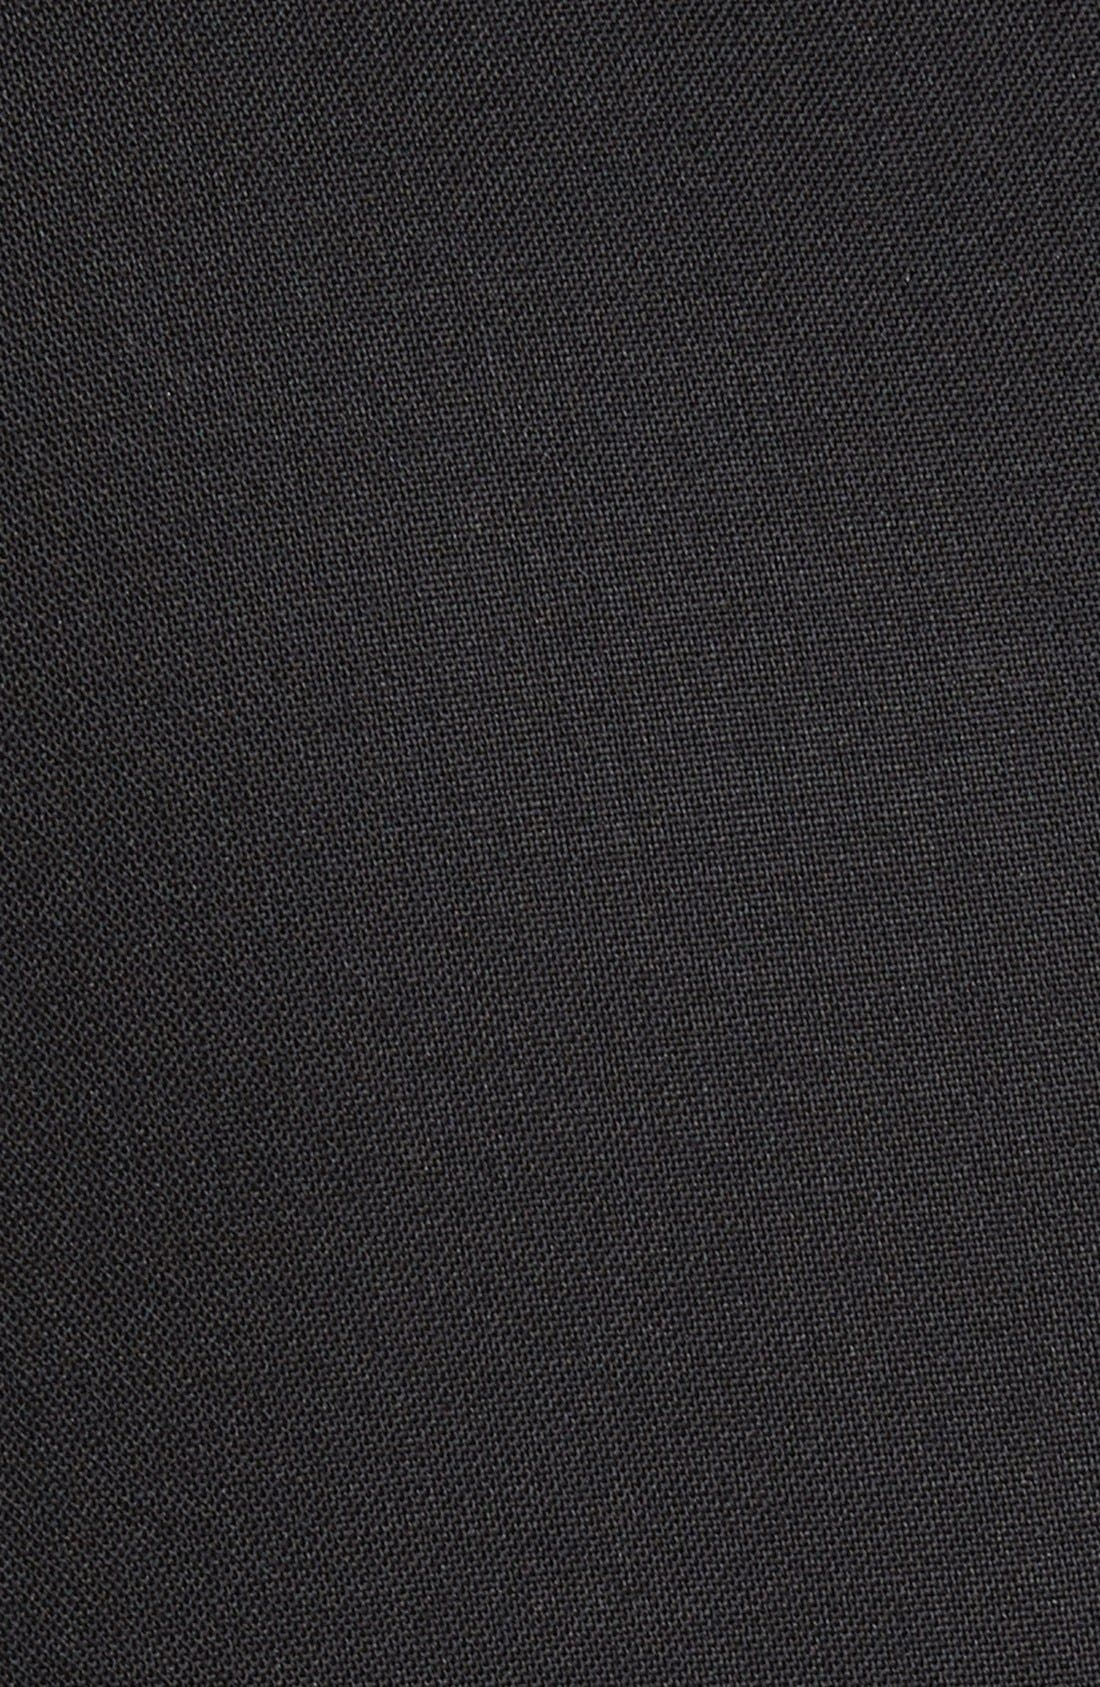 Ludlow Trim Fit Solid Wool Vest,                             Alternate thumbnail 4, color,                             001